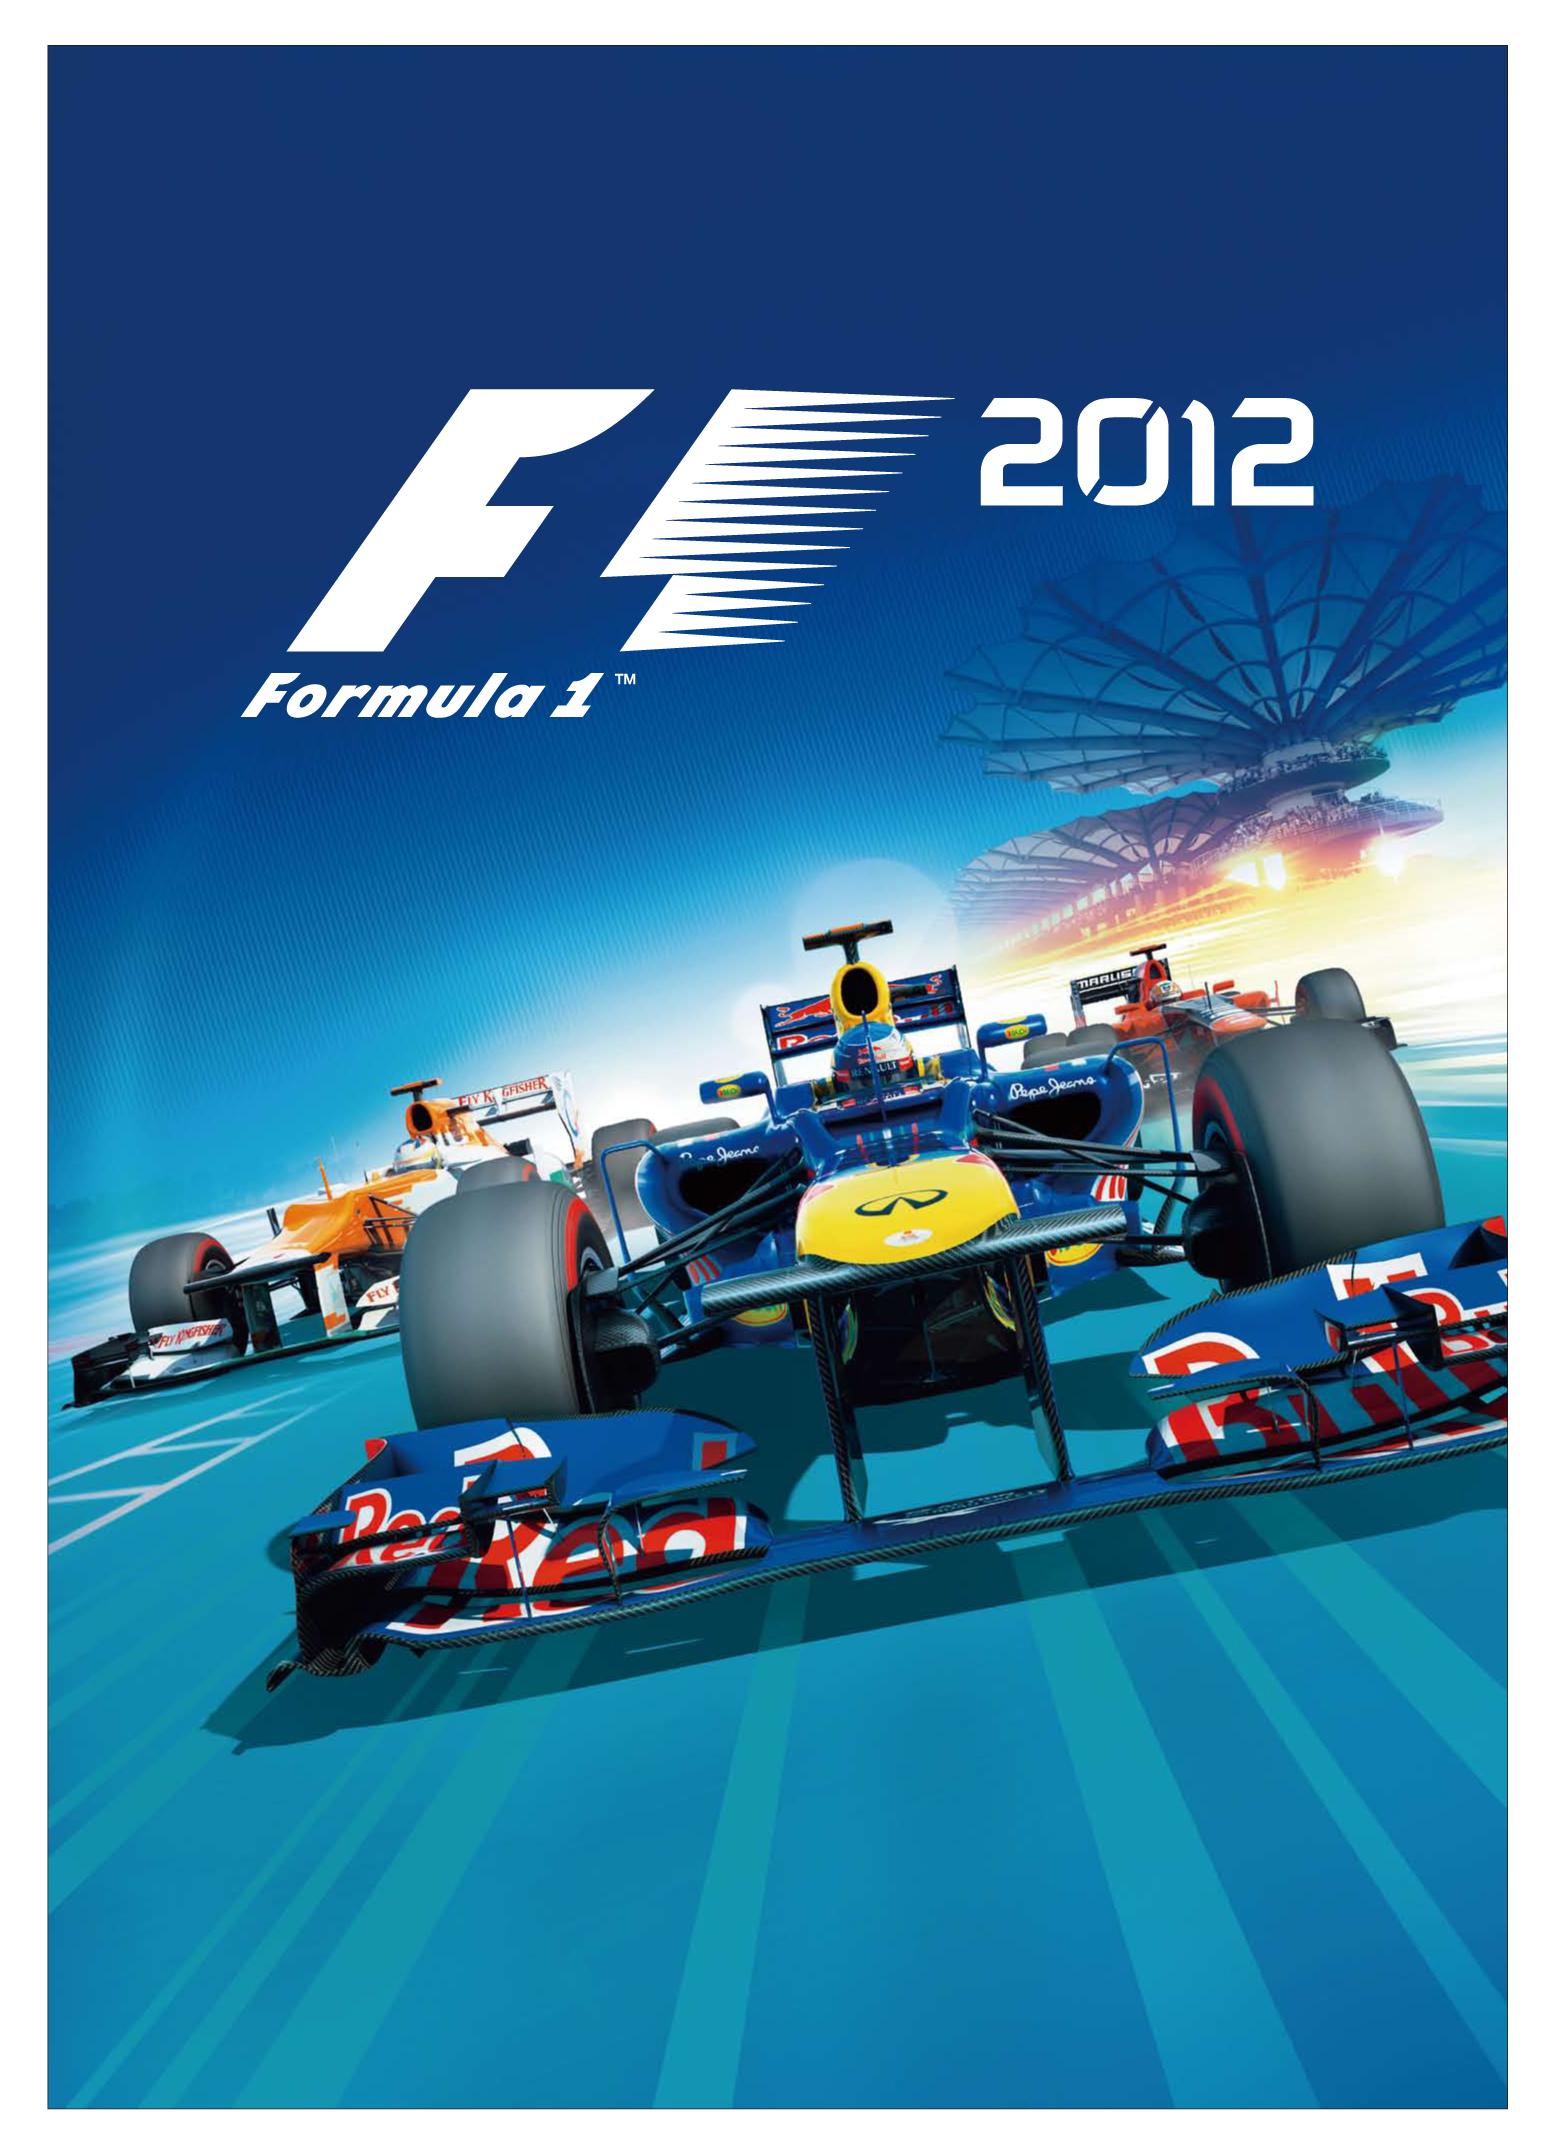 F1 2012のメインビジュアル